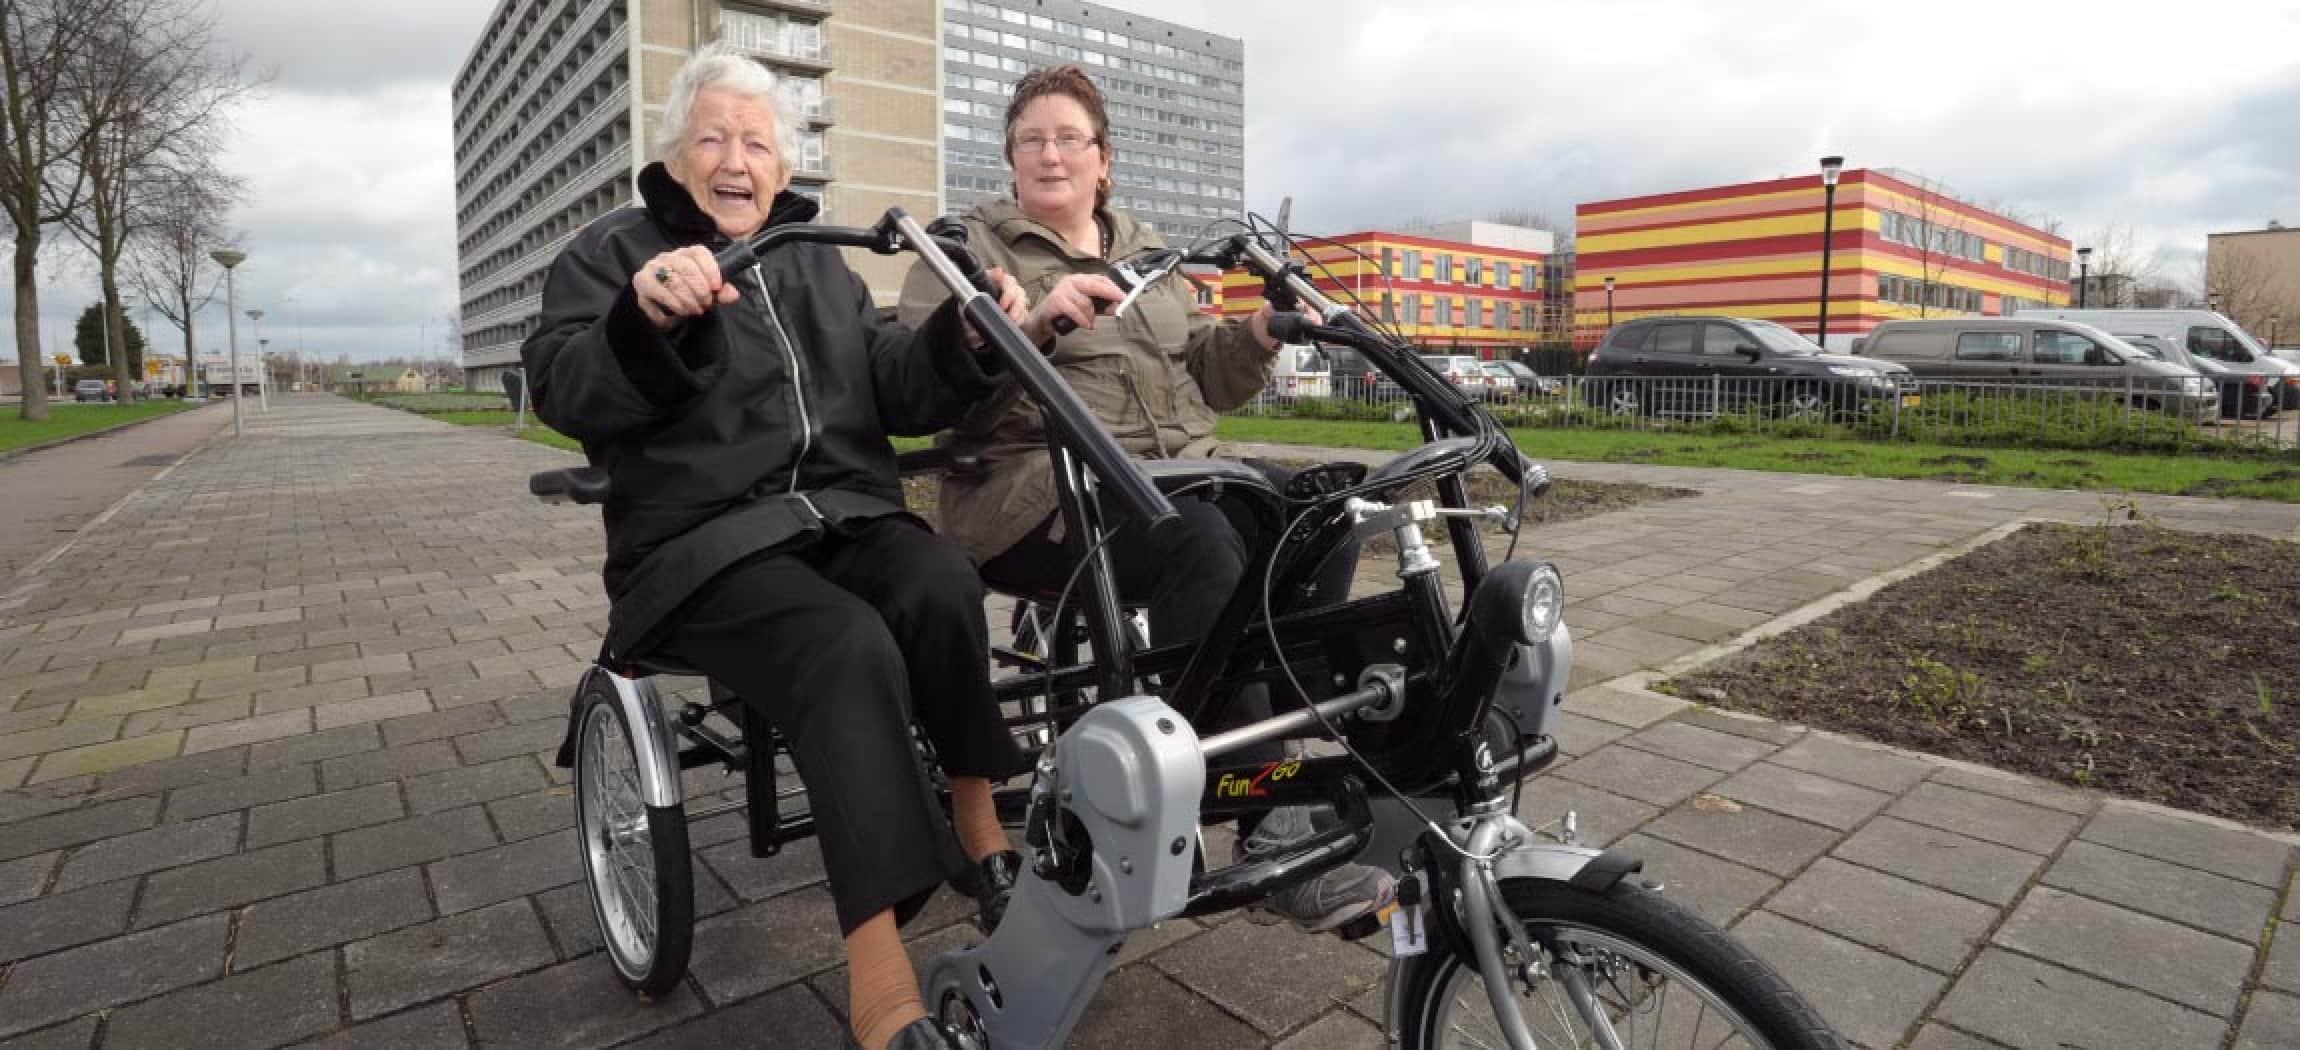 Twee dames oma buiten op duofiets met gebouwen op achtergrond